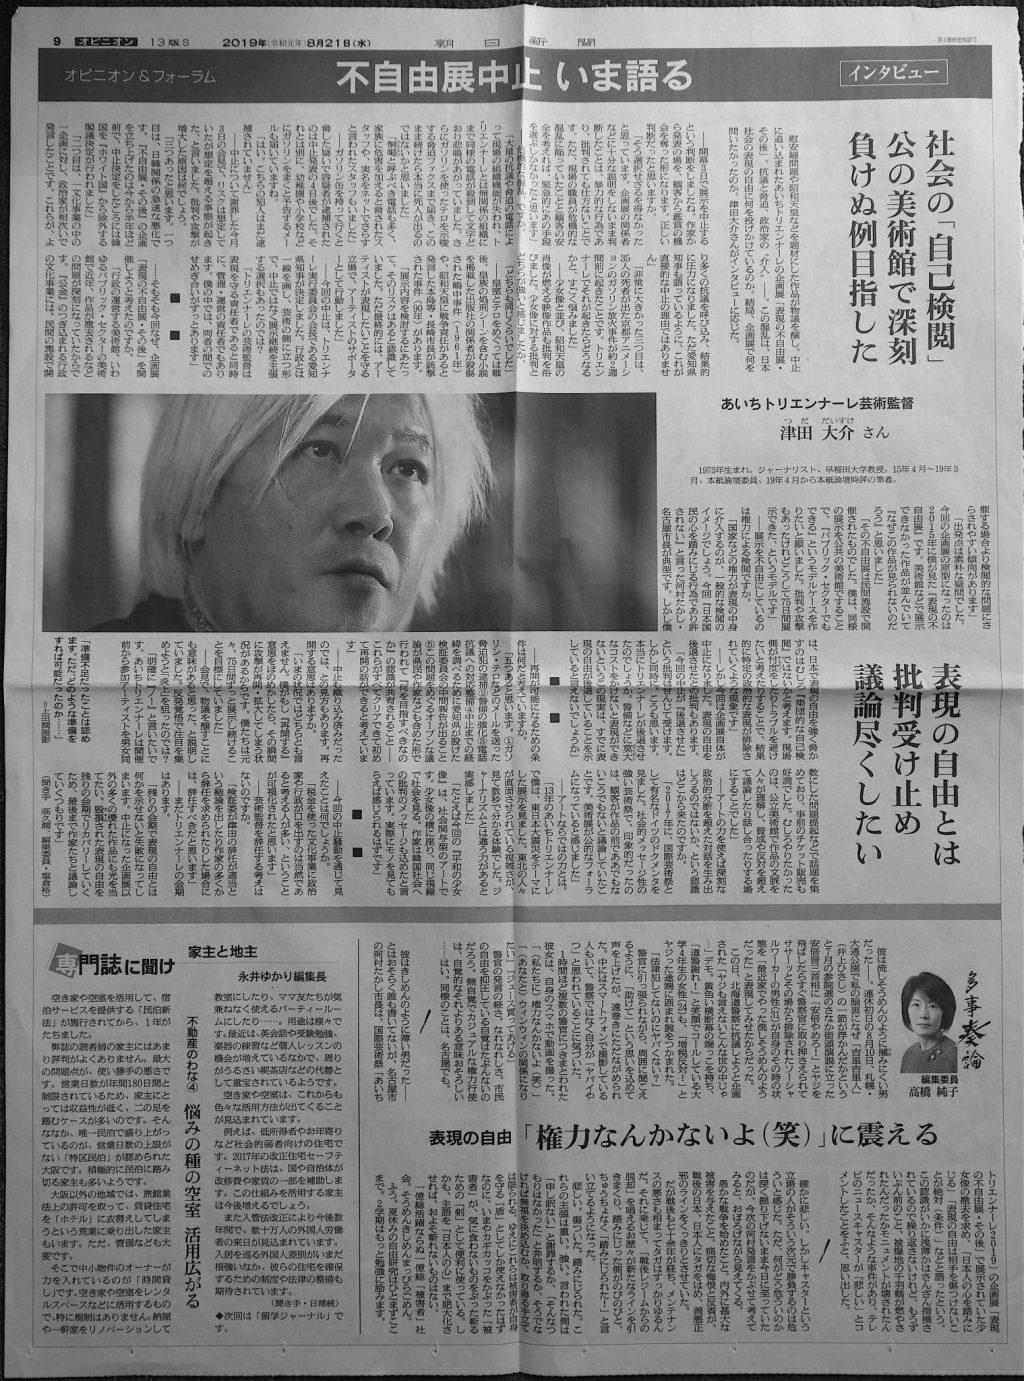 津田大介@朝日新聞 2019年8月21日不自由展中止 今語る-1